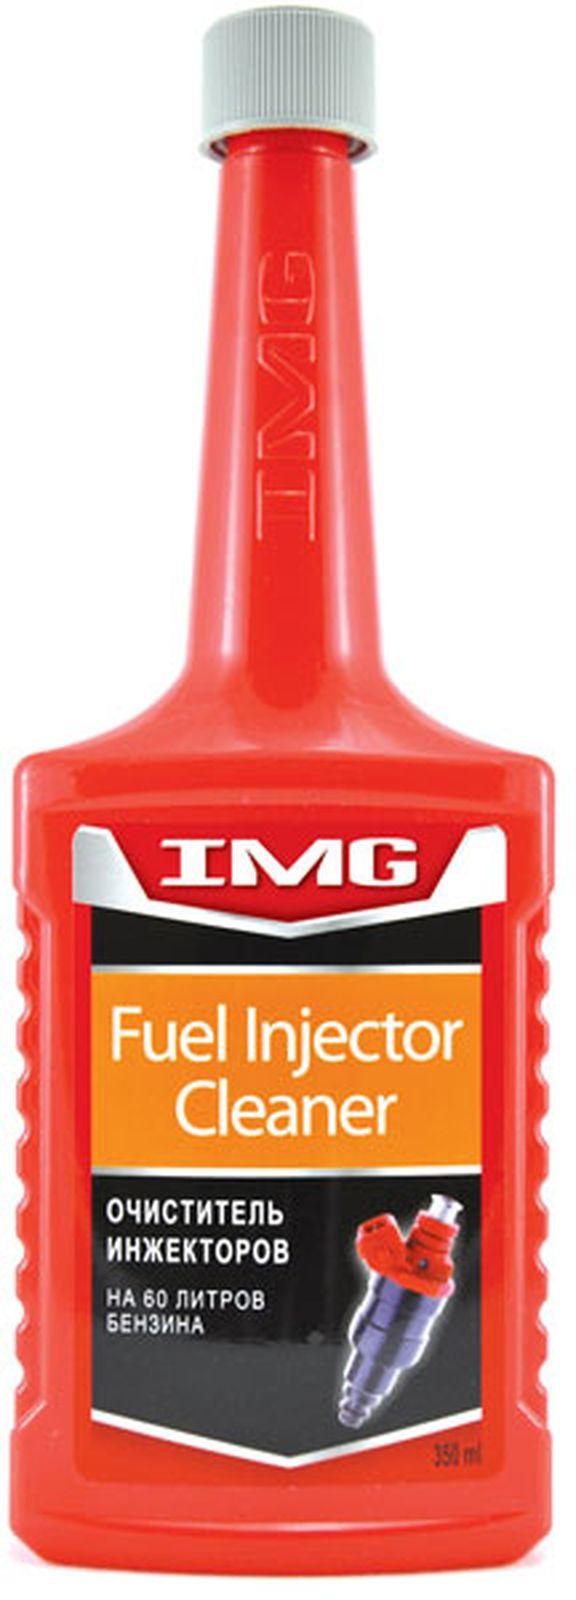 Очиститель инжекторов IMG, на 60 л, 350 мл